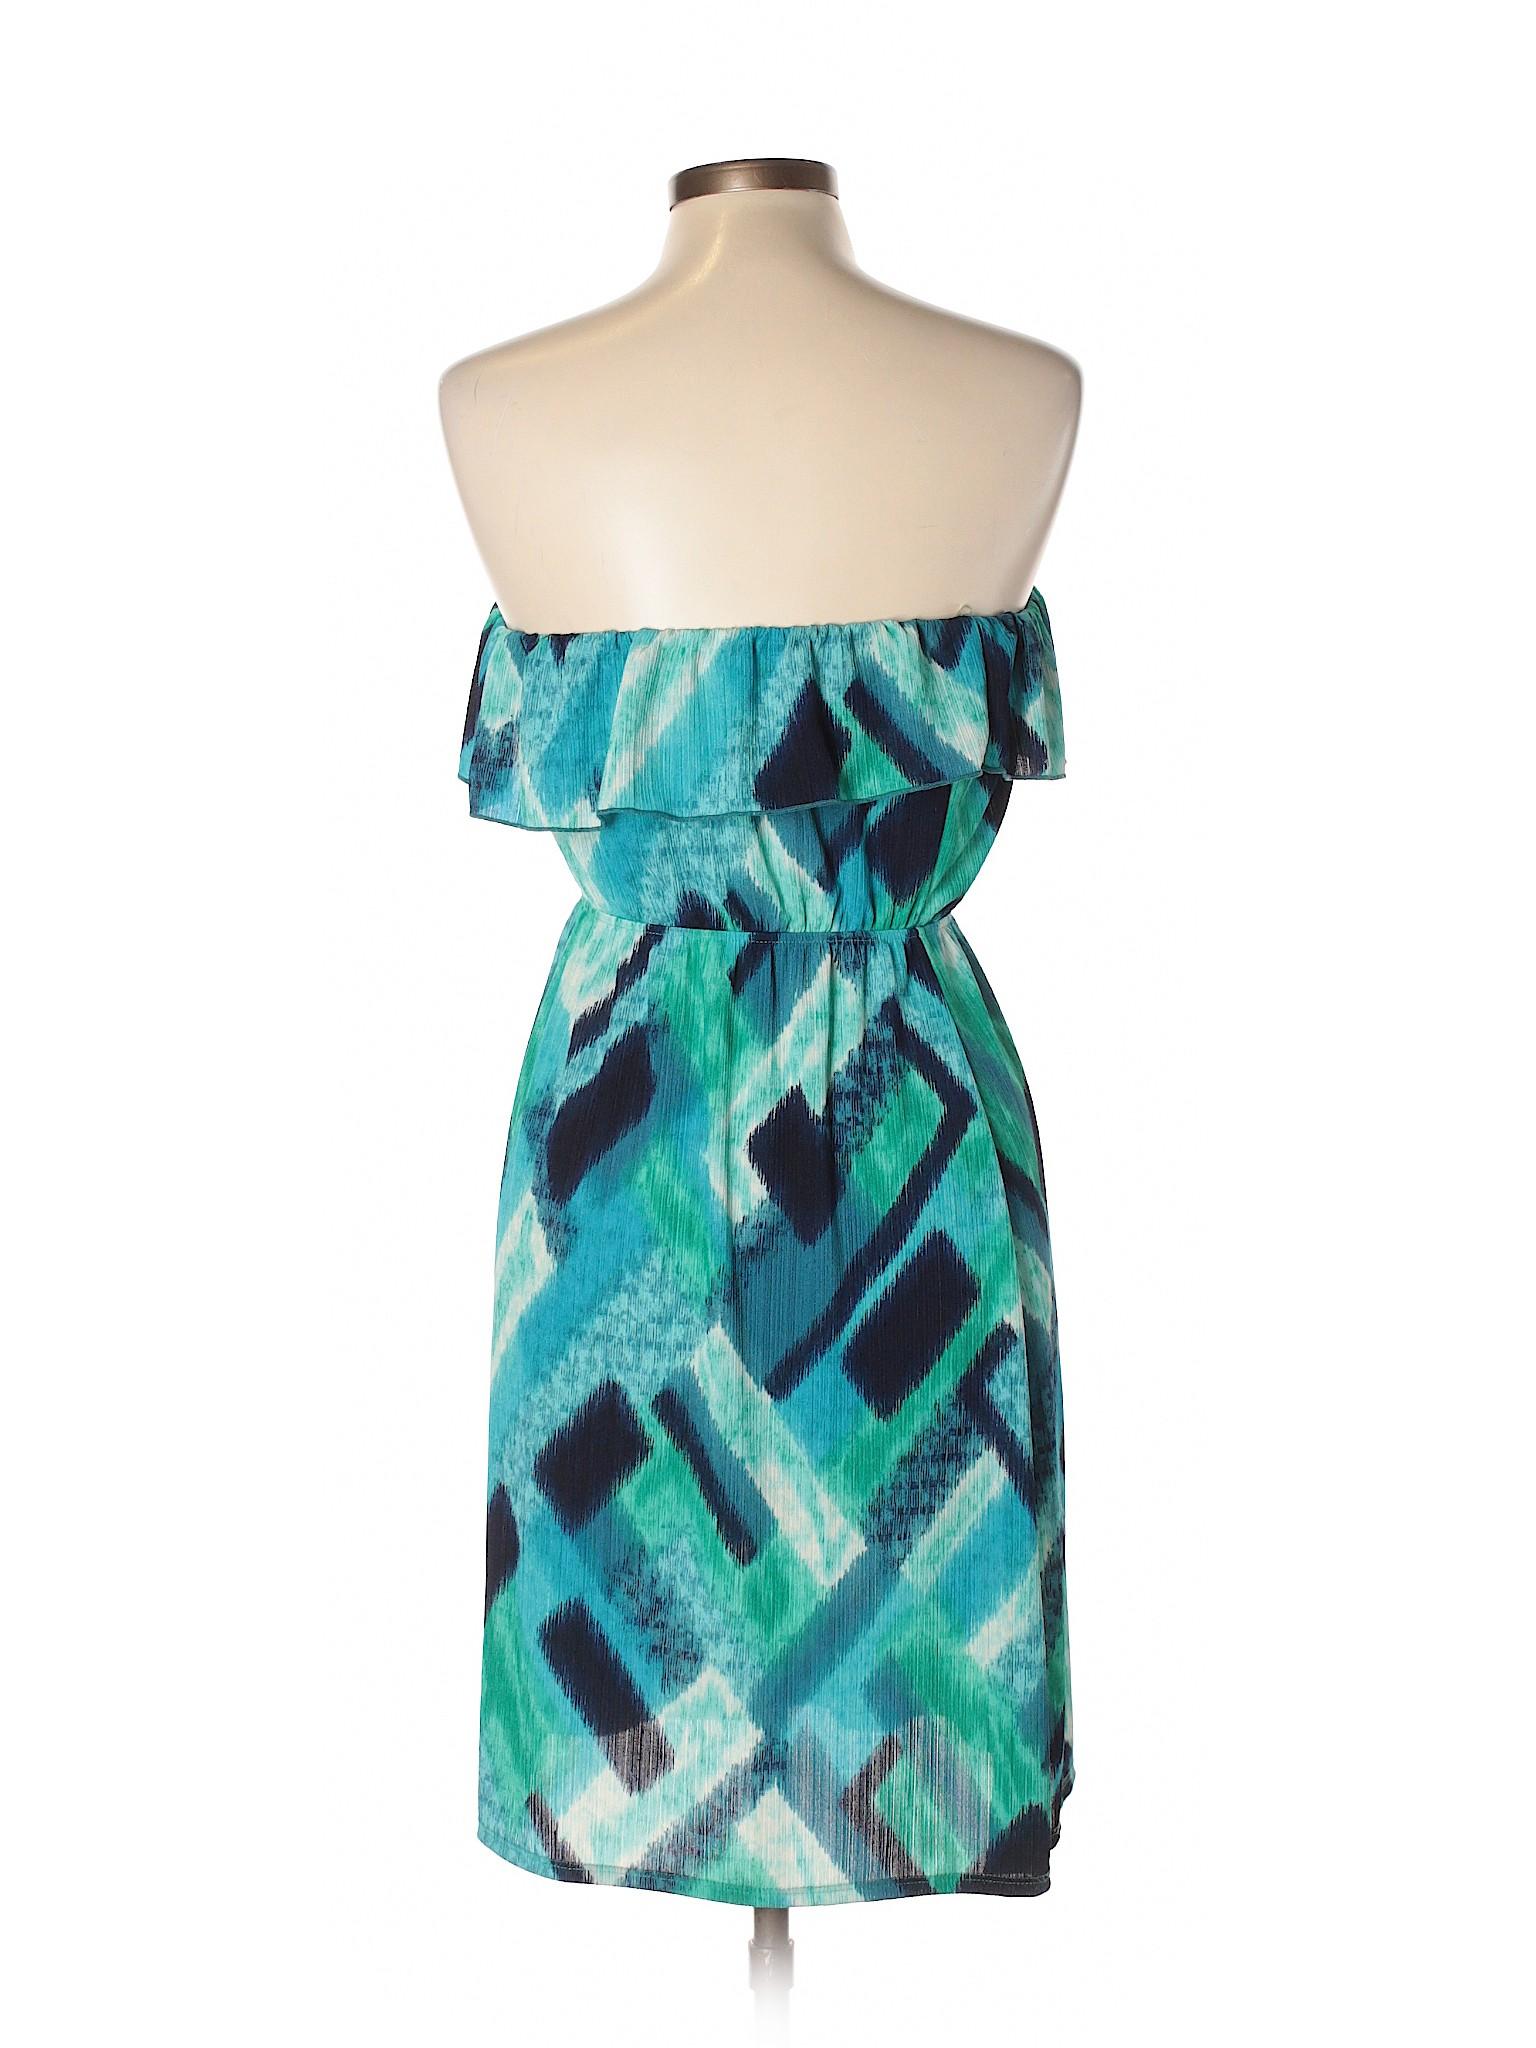 Aqua Boutique Casual Aqua Dress Casual winter Casual winter Dress Boutique Aqua Dress Boutique winter 6PwqxYZ